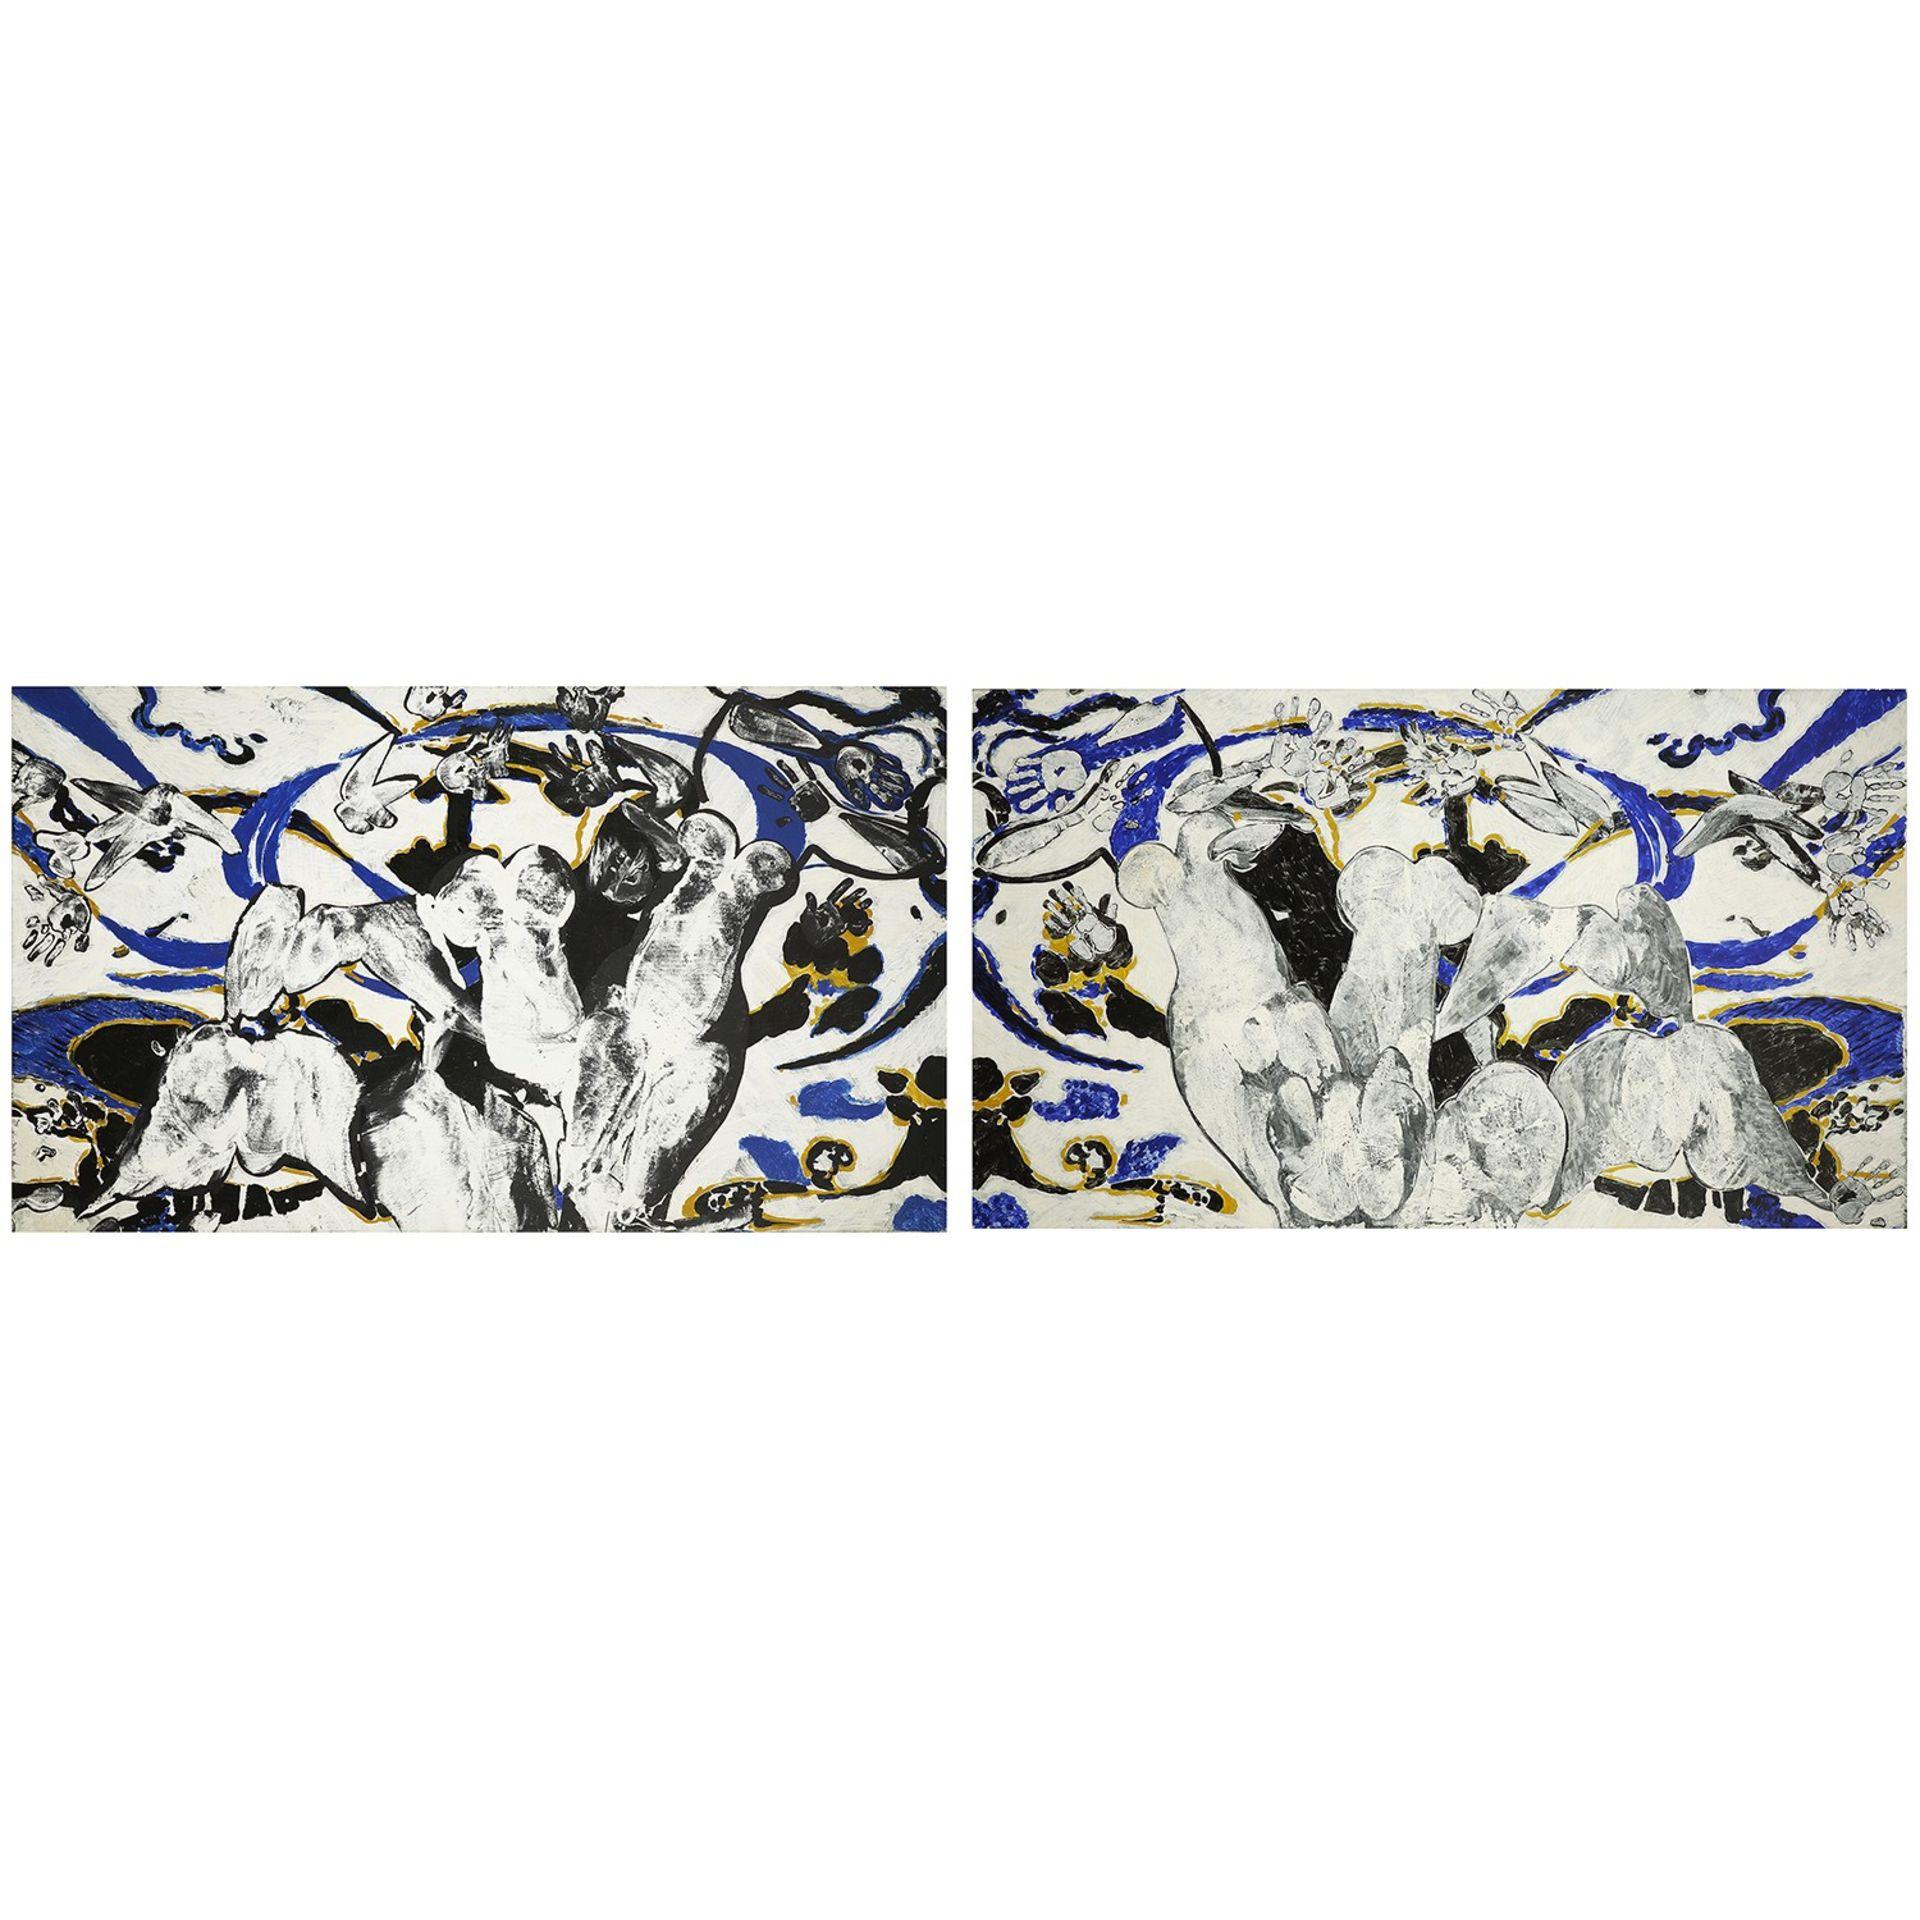 FRANÇOIS ROUAN (né en 1943) - Sans titre, 1995 - Deux peintures à la cire sur [...] - Image 3 of 5